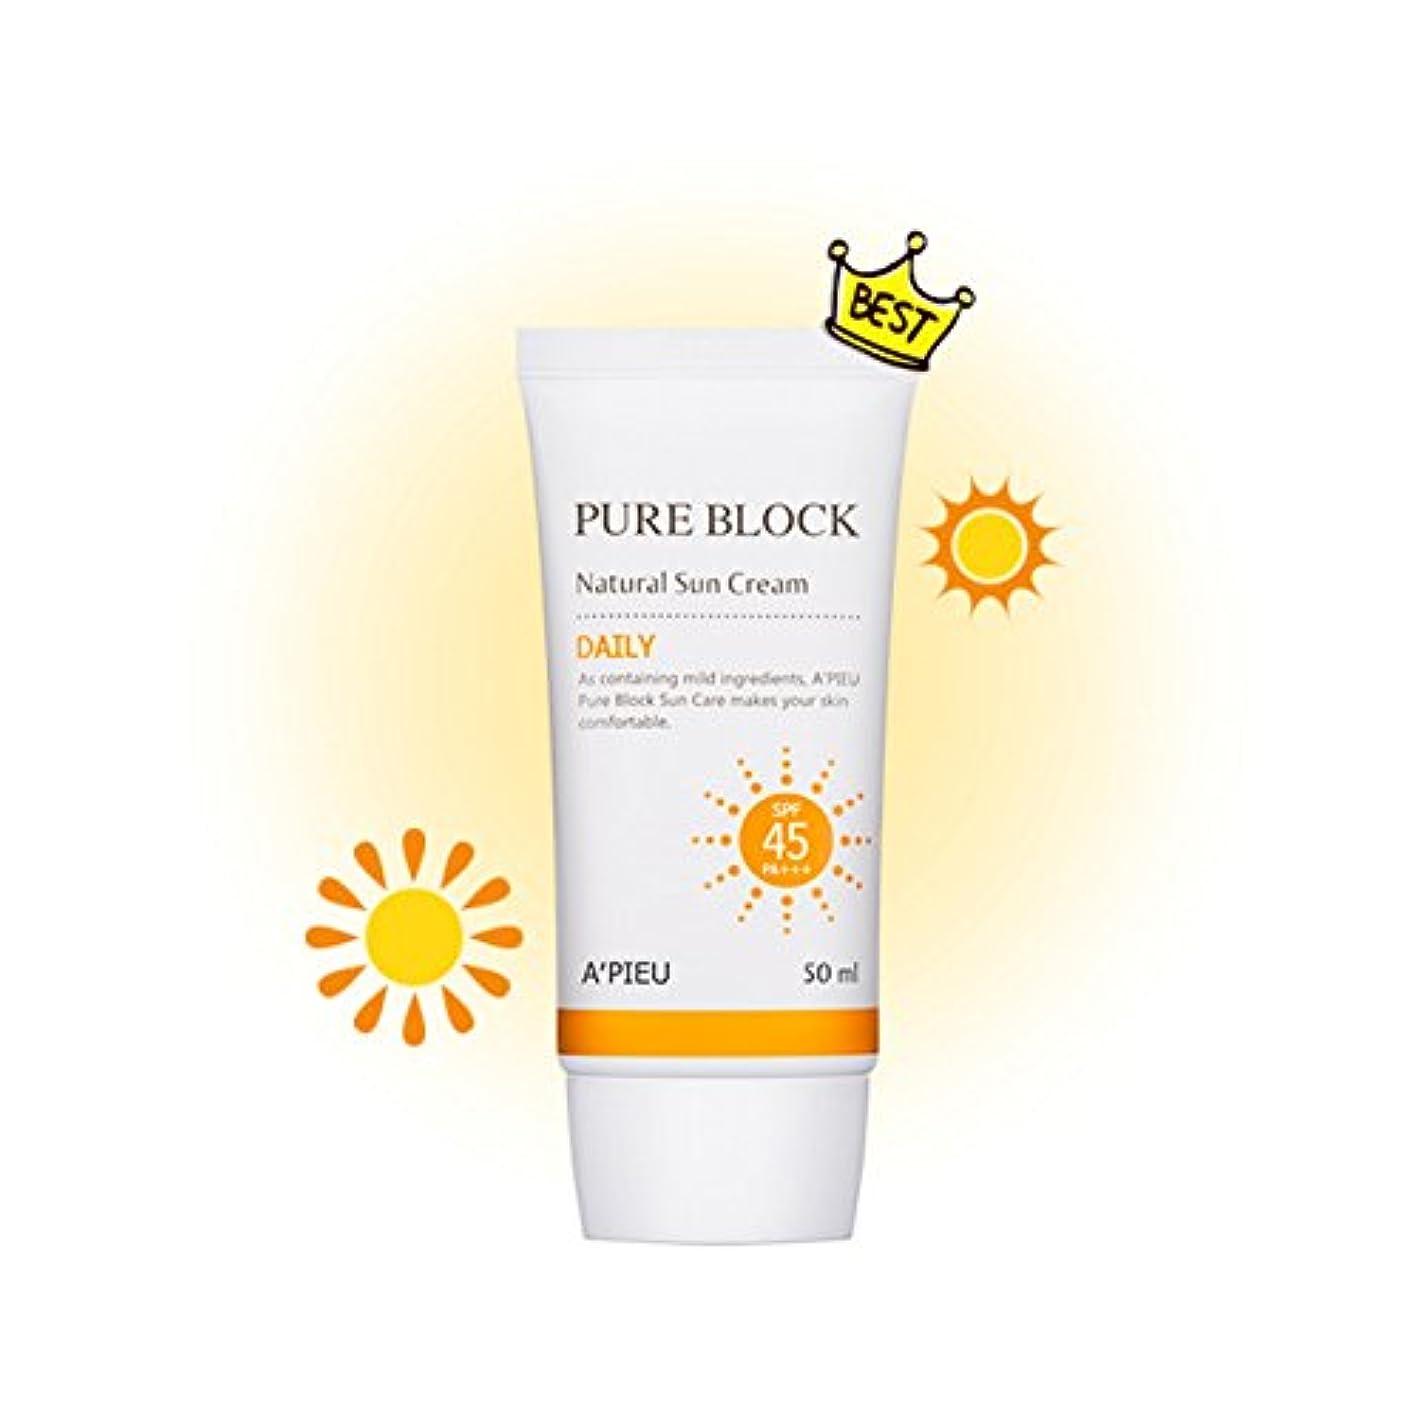 ロックボードホップ[オピュ] A'PIEU ピュアブロックナチュラルデイリー日焼け止め Pure Block Natural Daily Sun Cream SPF 45 PA+++ [並行輸入品]